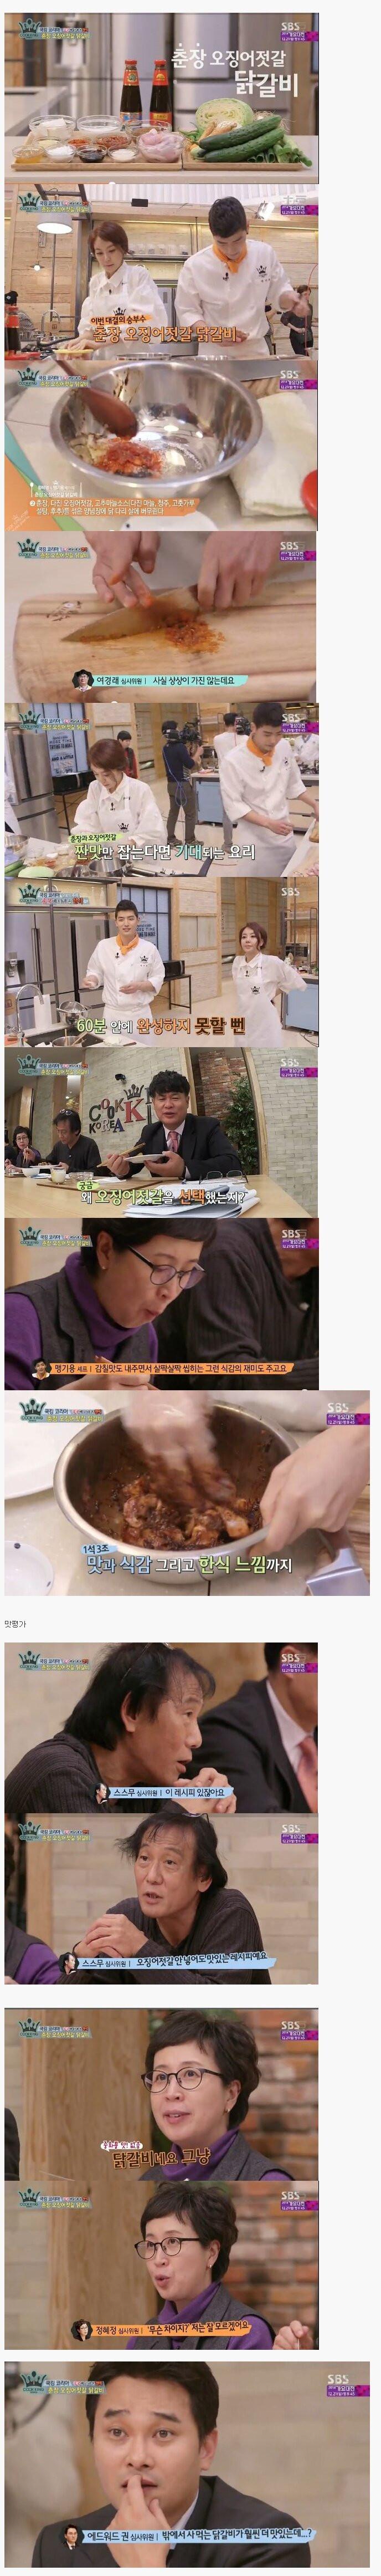 맹기용 요리를먹은 심사위원들 반응